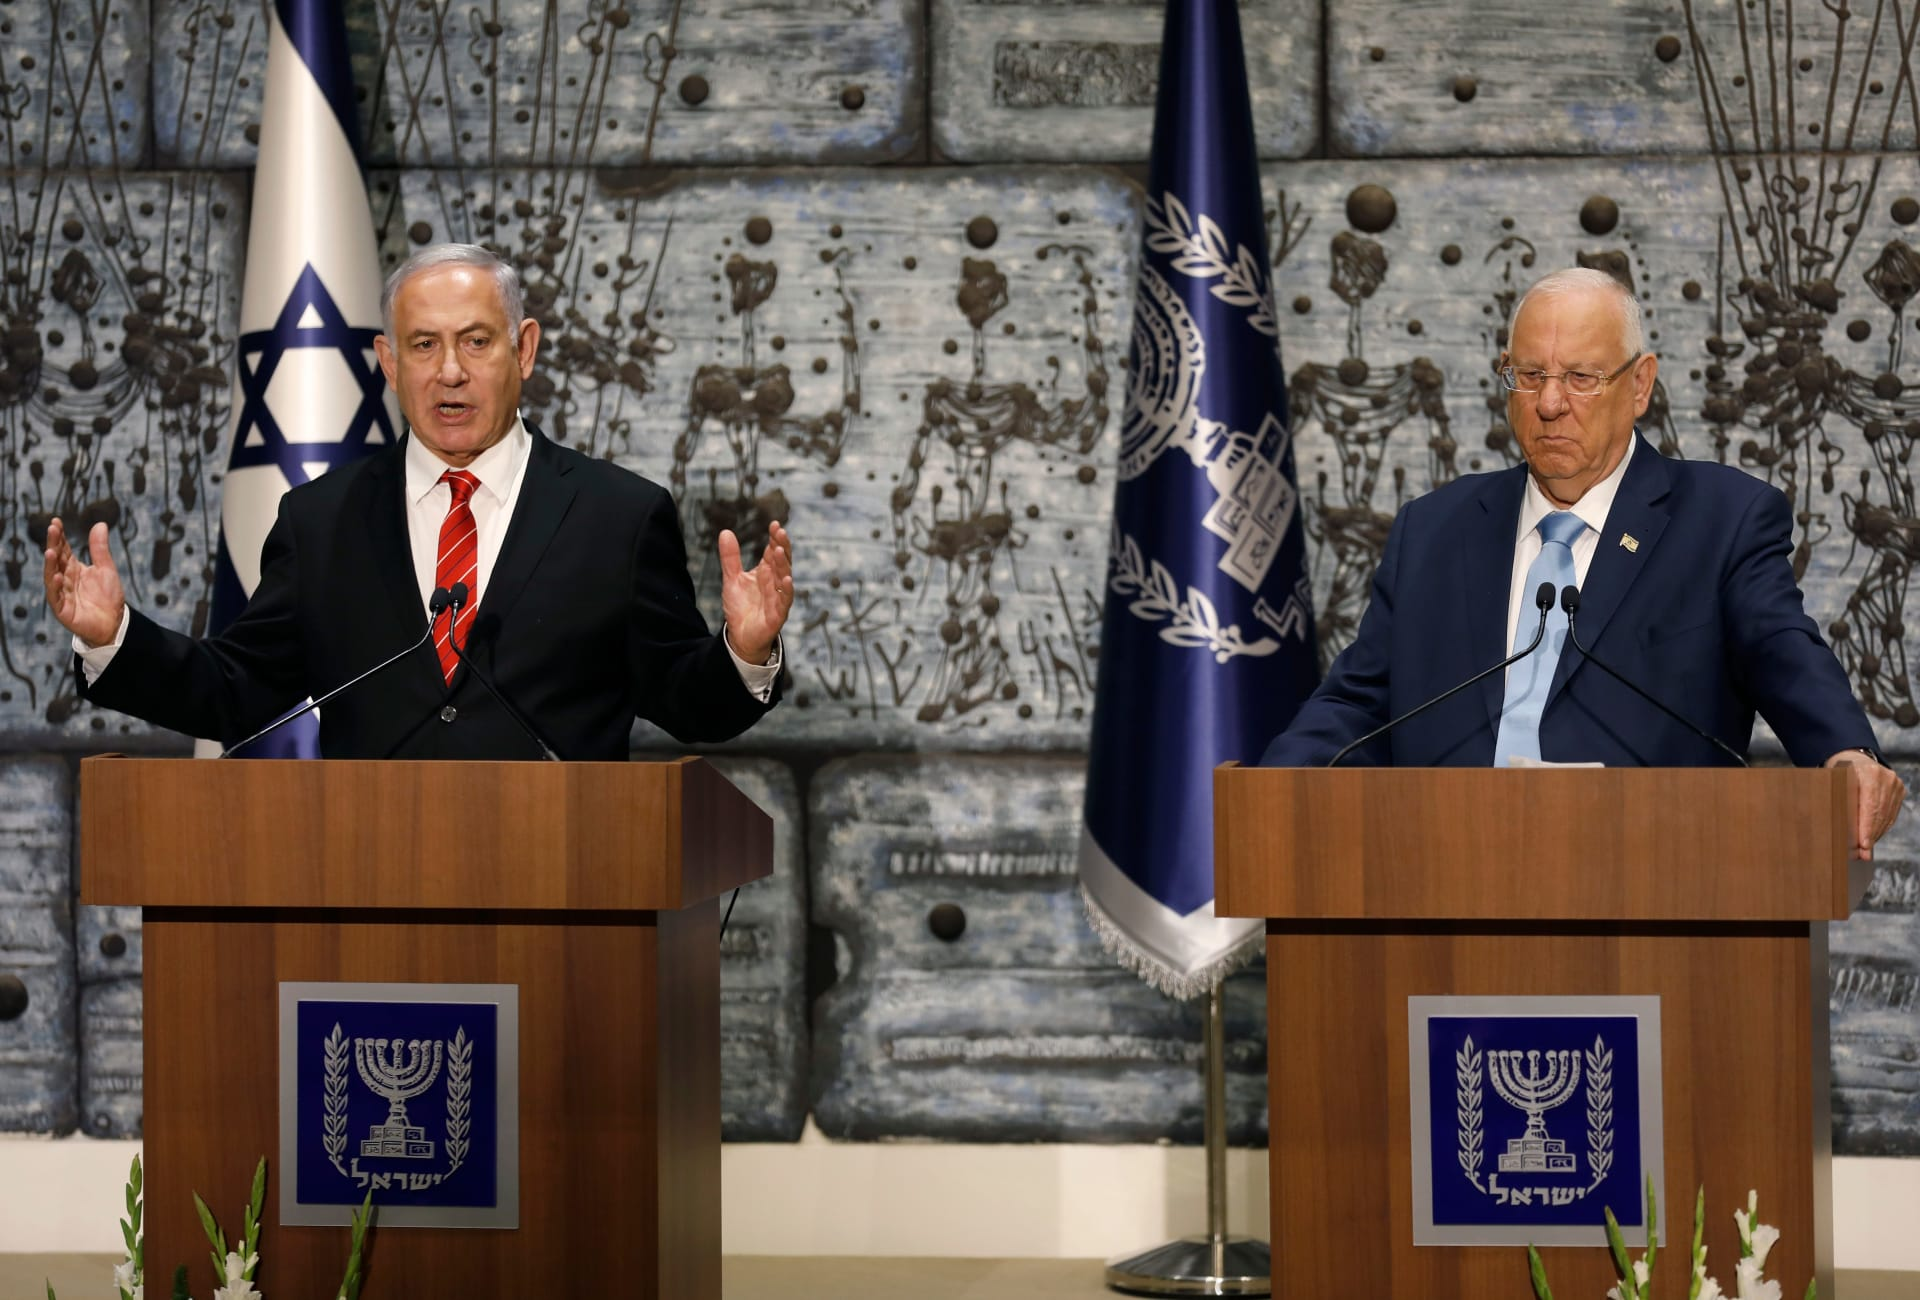 """الرئيس الإسرائيلي يكلف نتنياهو بتشكيل الحكومة رغم تقدم """"أزرق أبيض"""" في الانتخابات"""